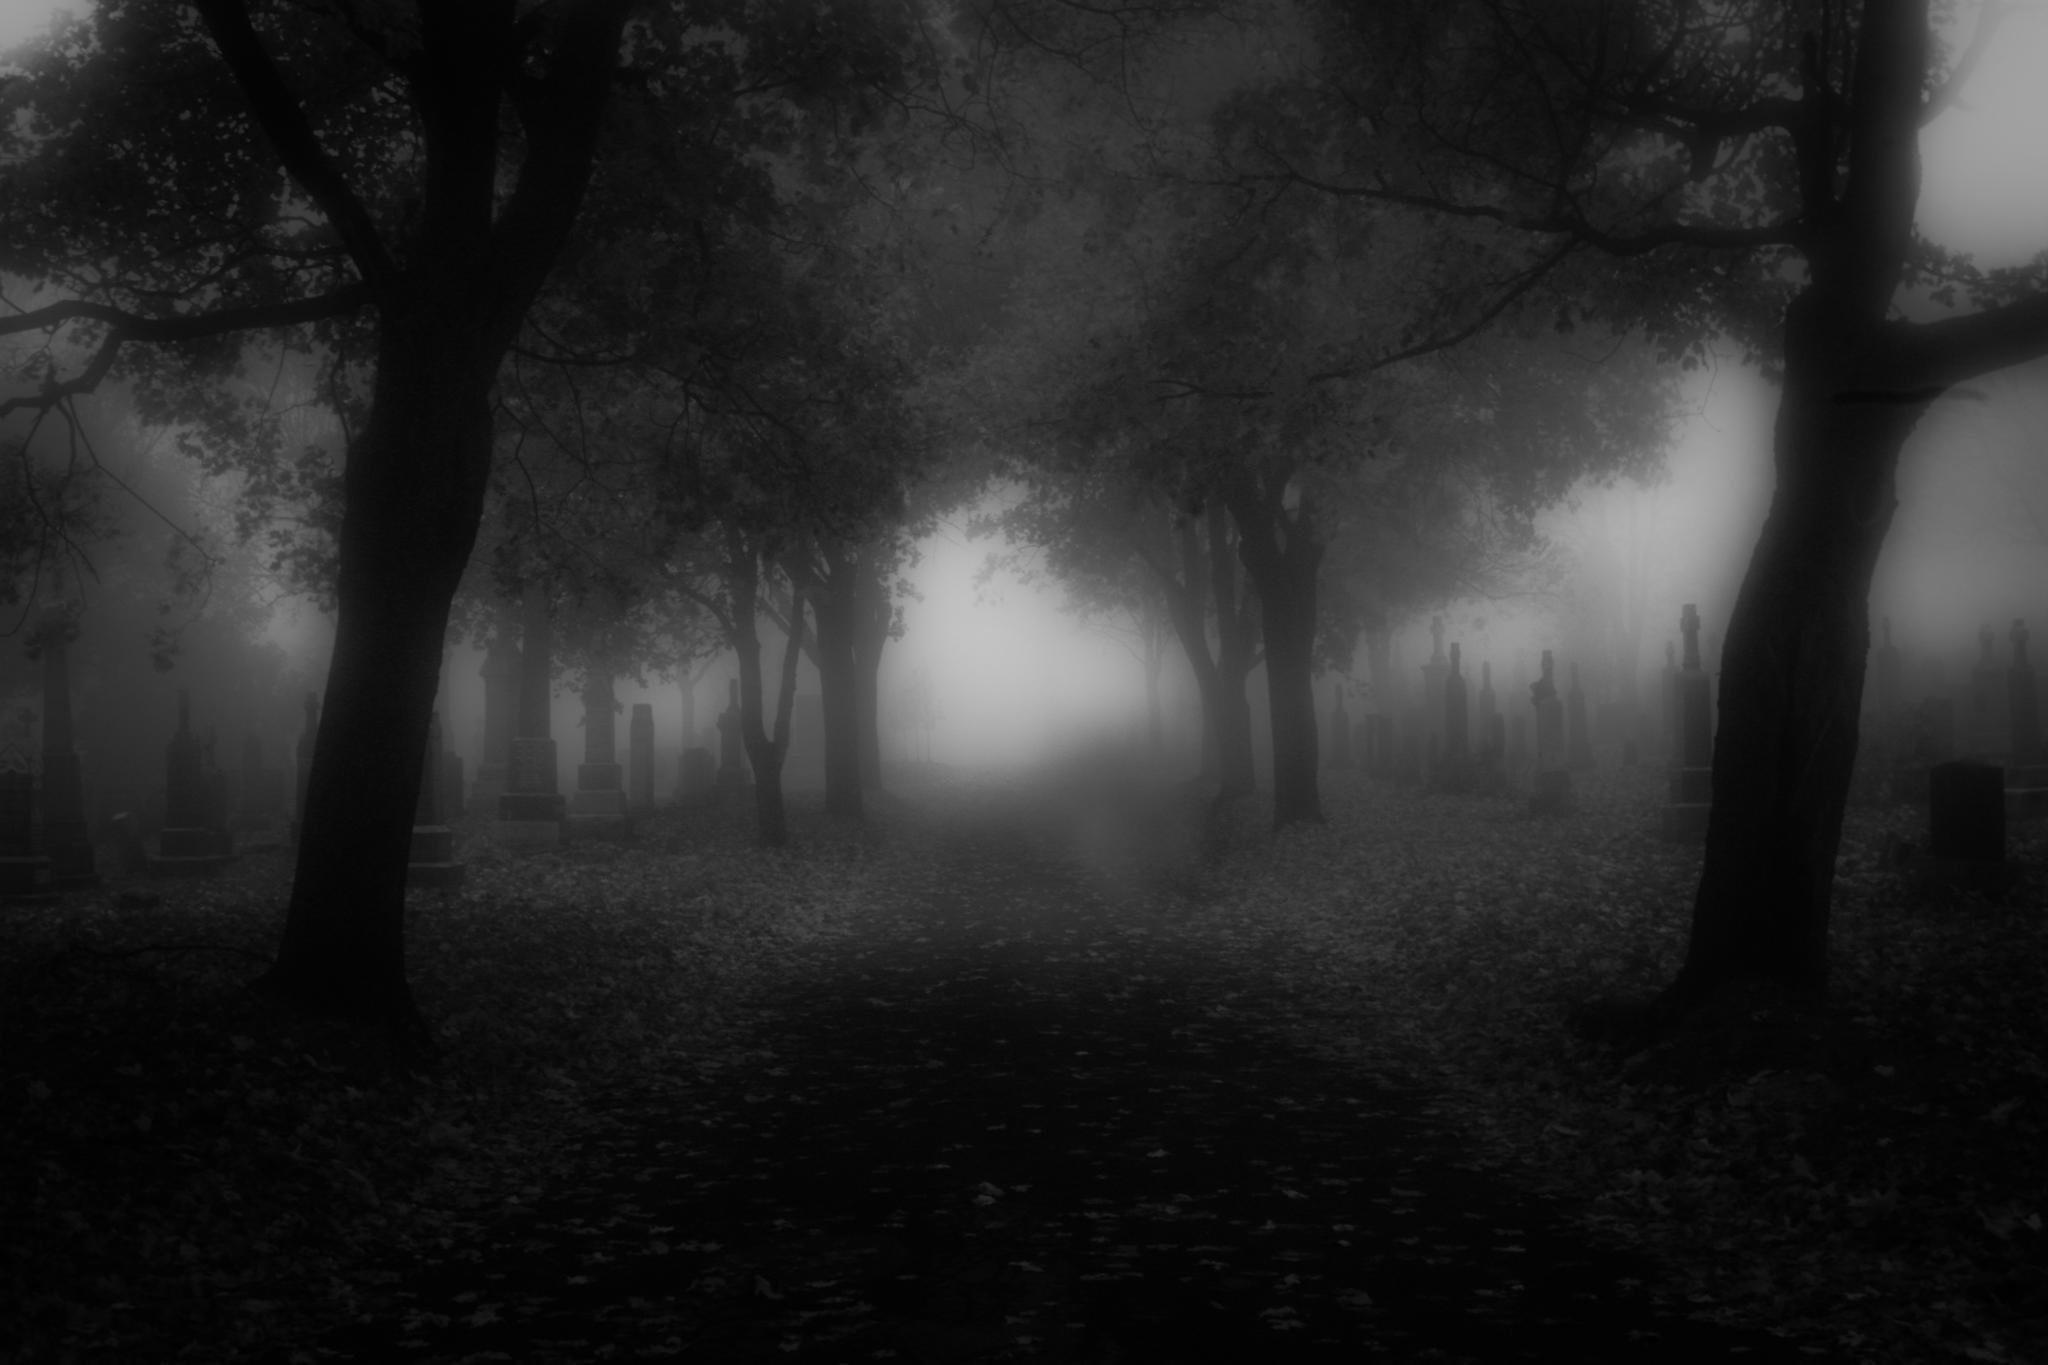 Black Metal Forest Wallpaper Download